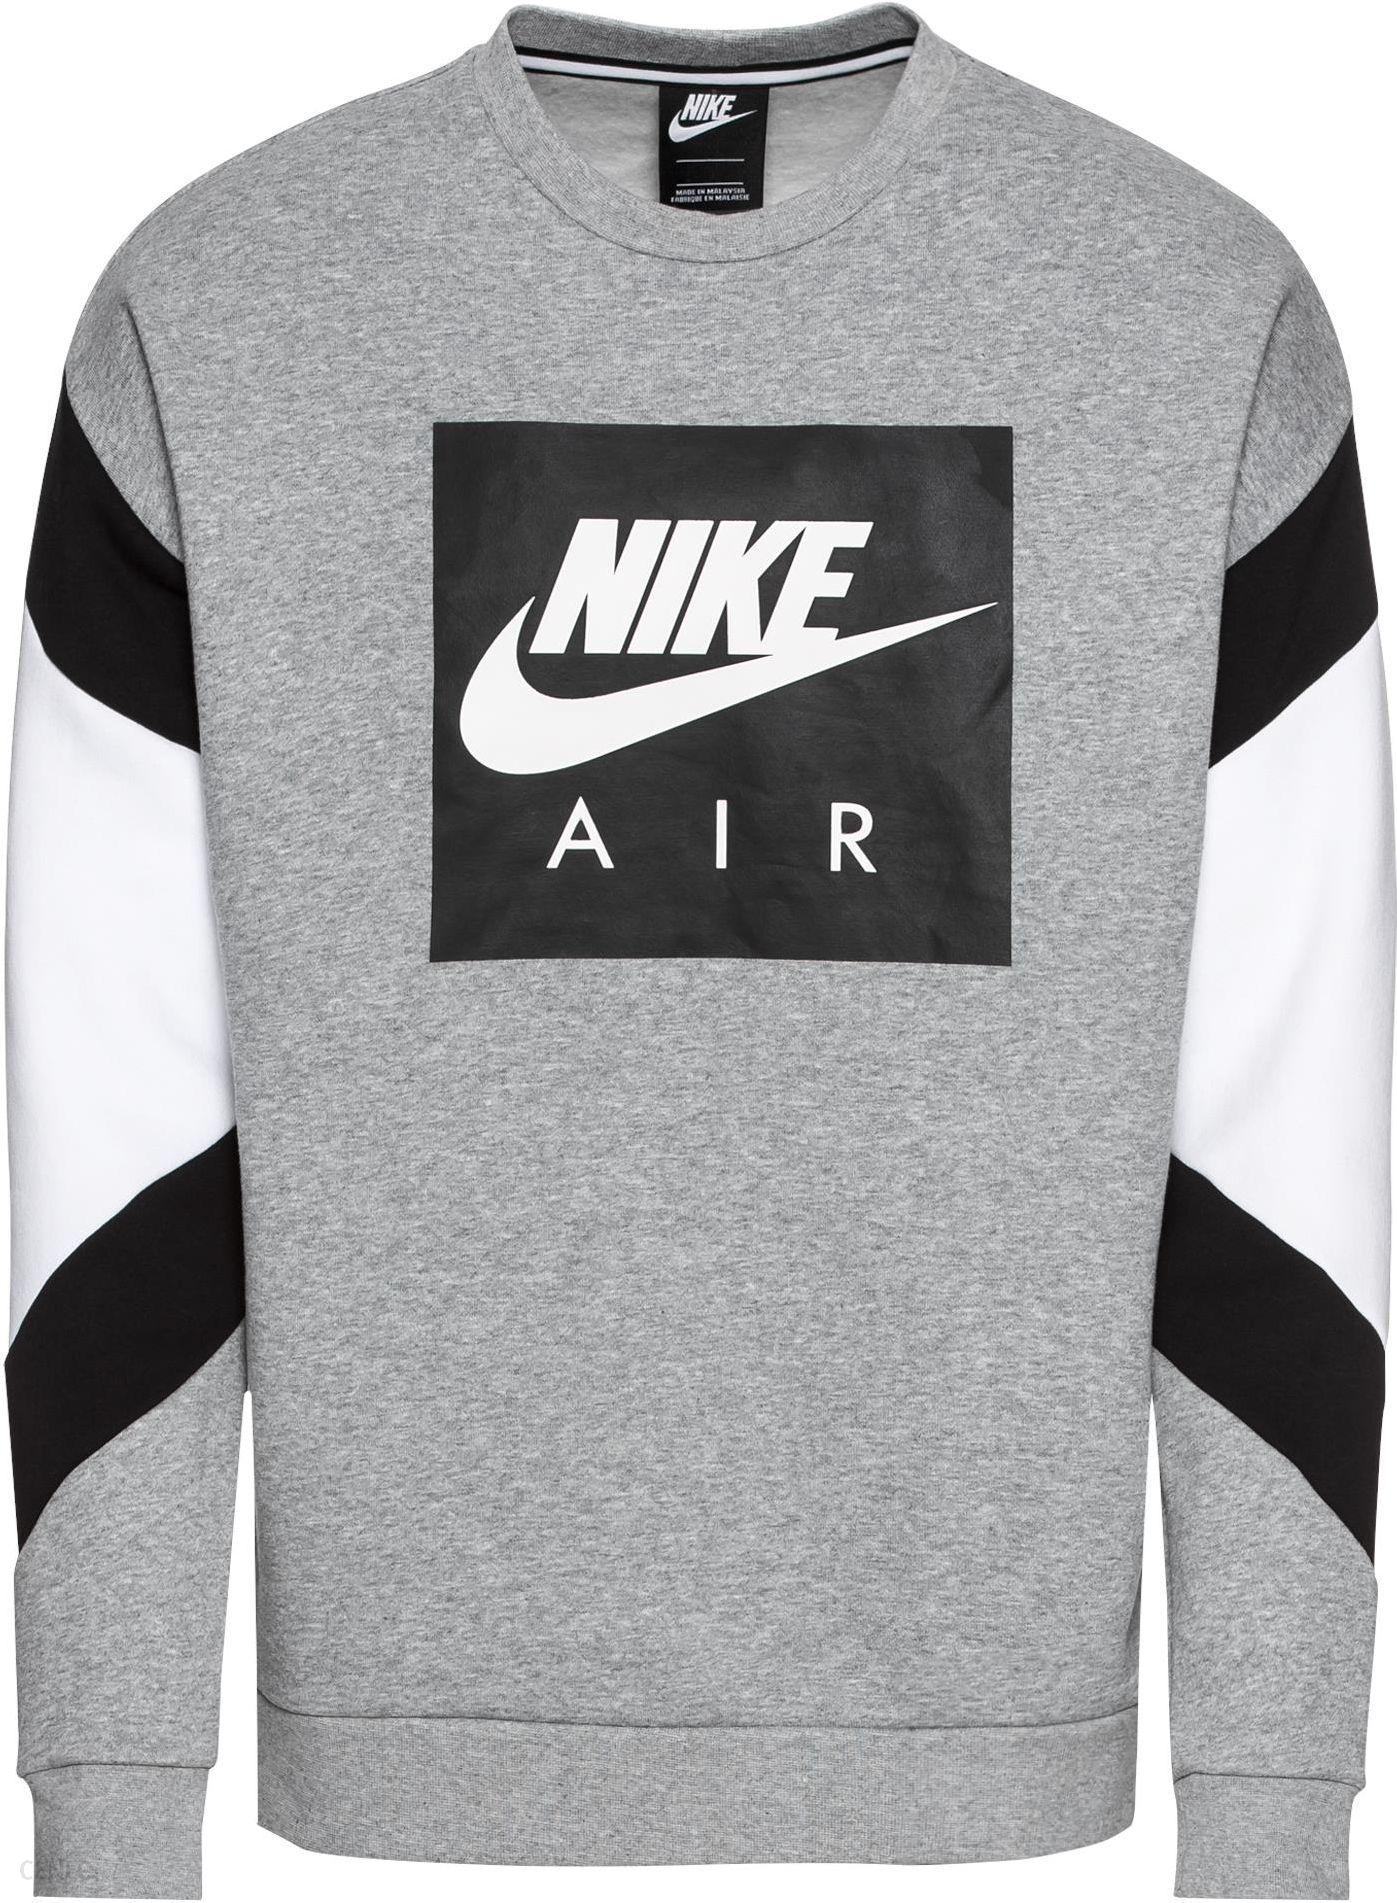 Bluza Nike Air Crew Niska cena na Allegro.pl